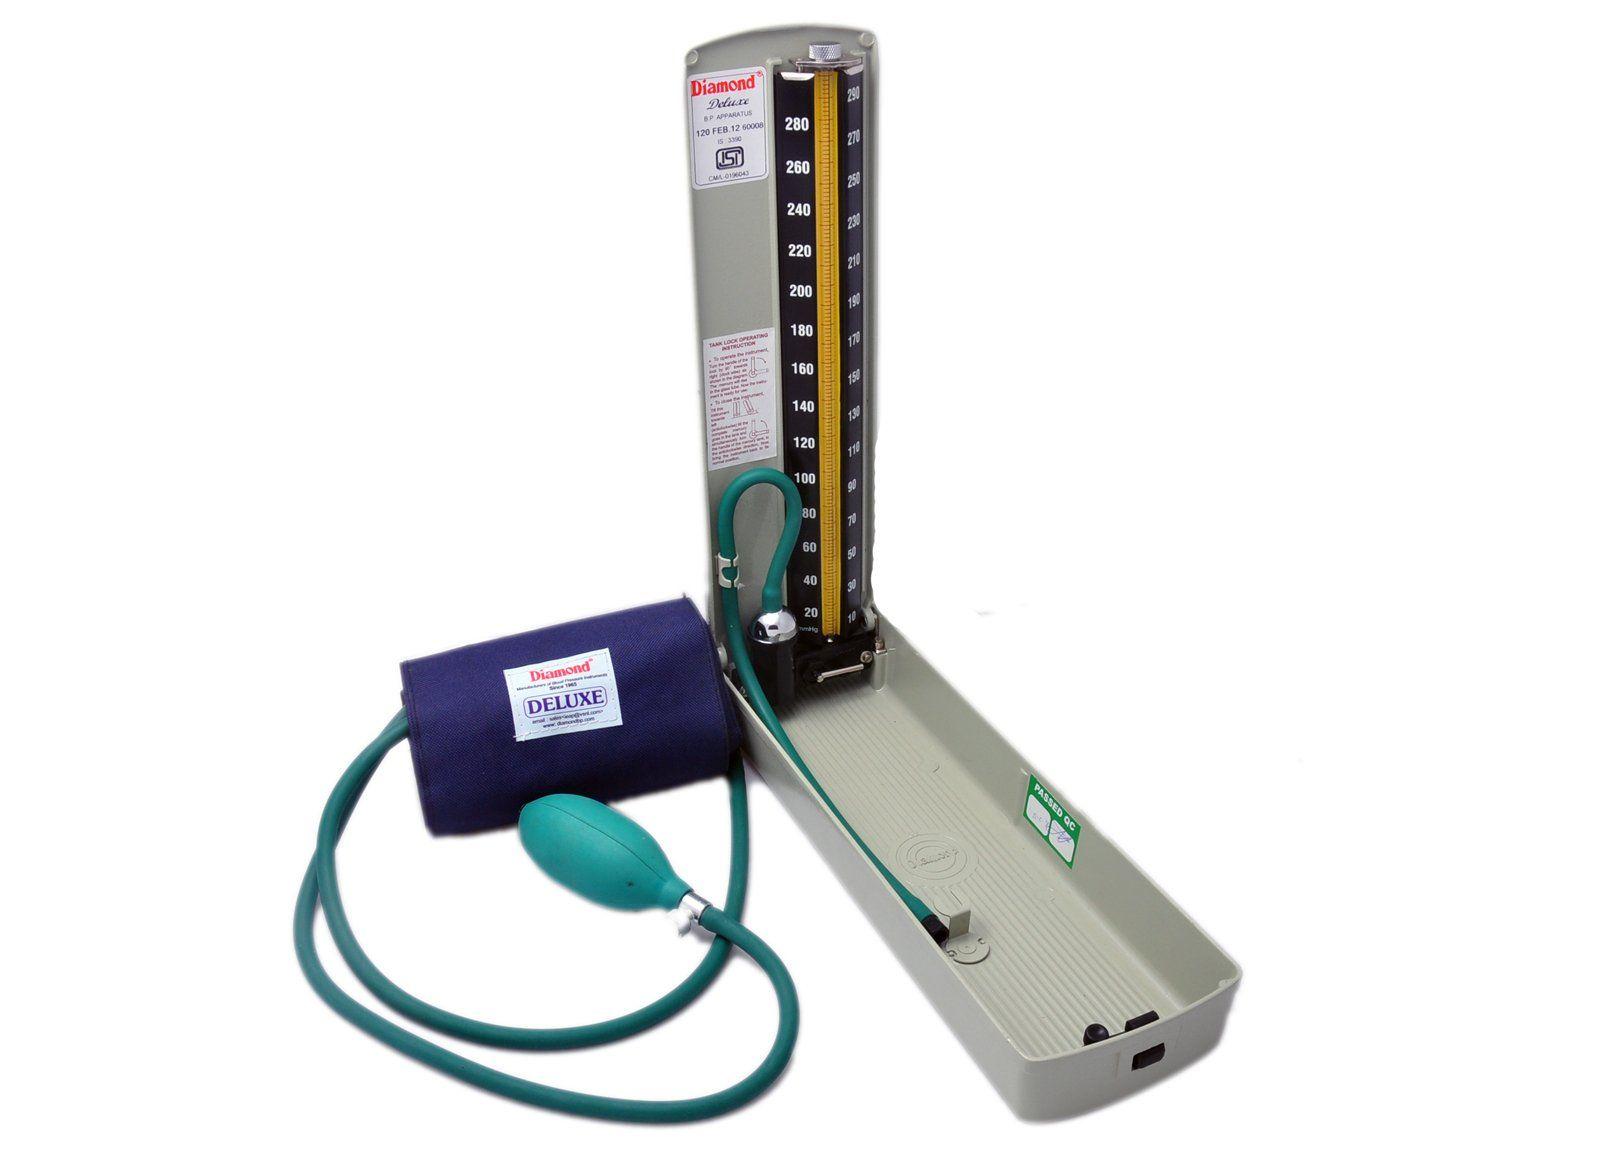 Diamond BP Mercury Meter/ Apparatus - DELUX